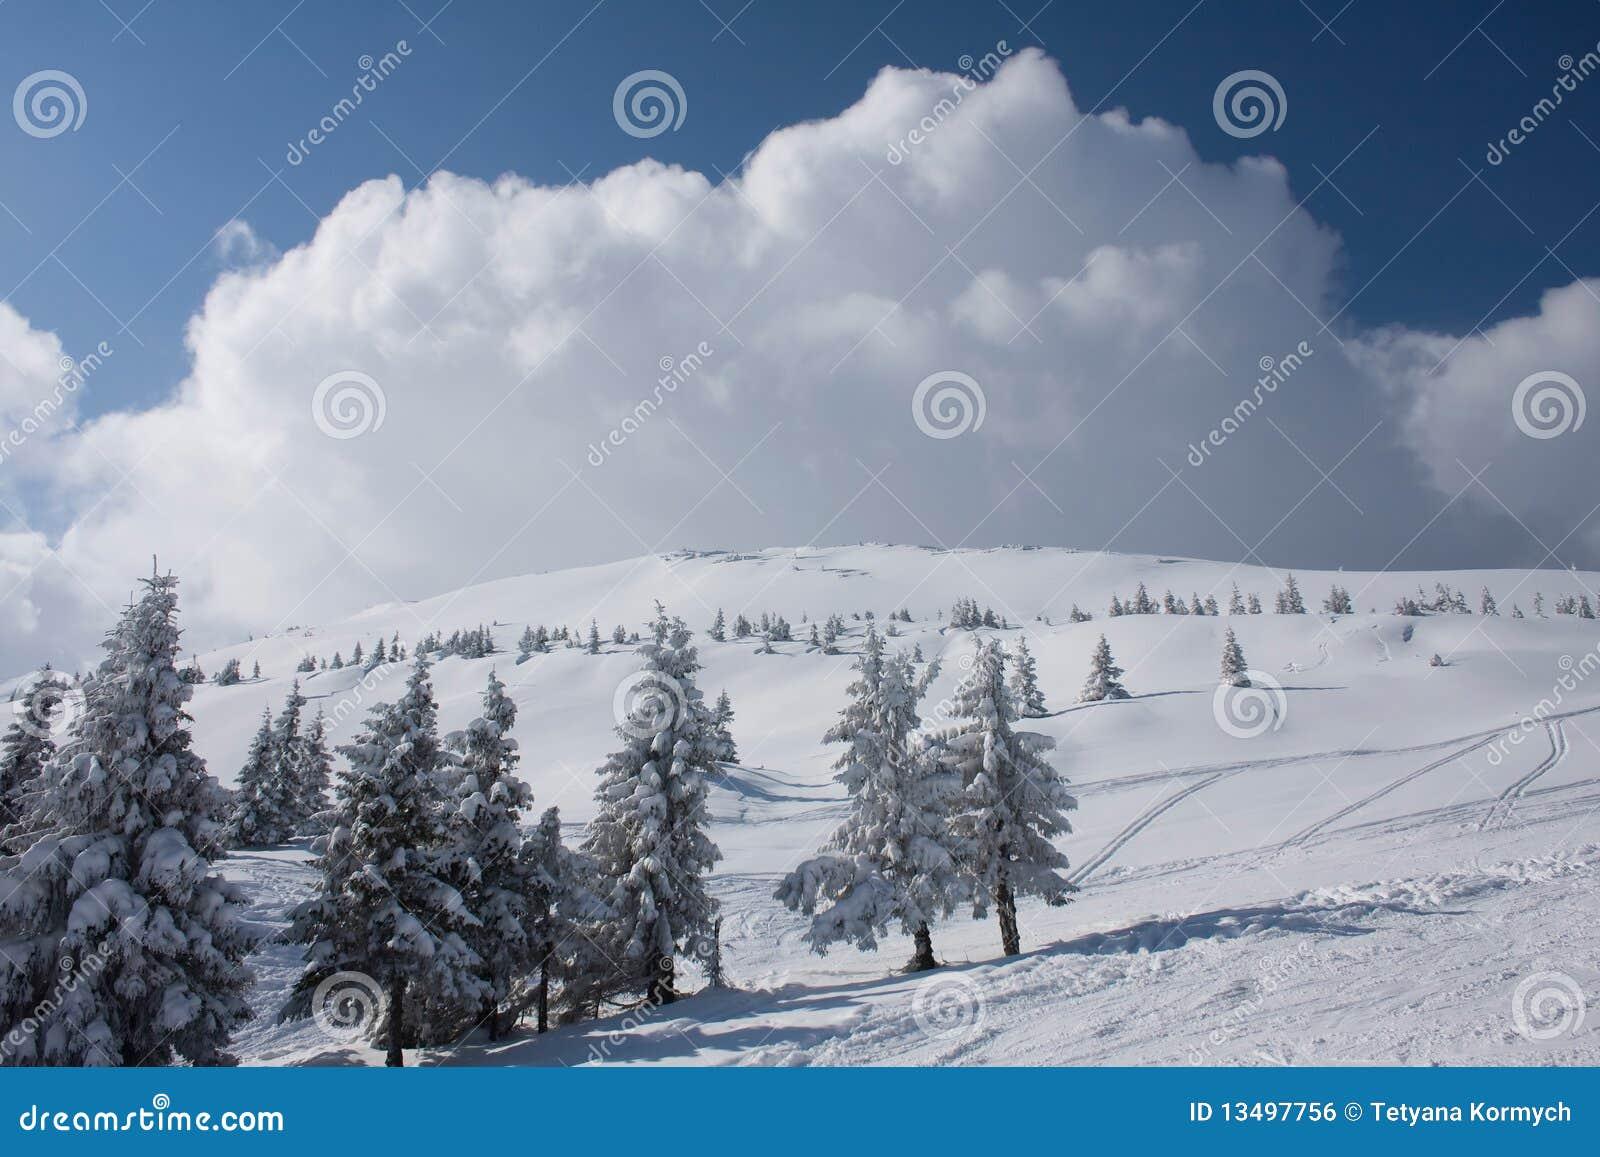 Winter landscape in Carpathians